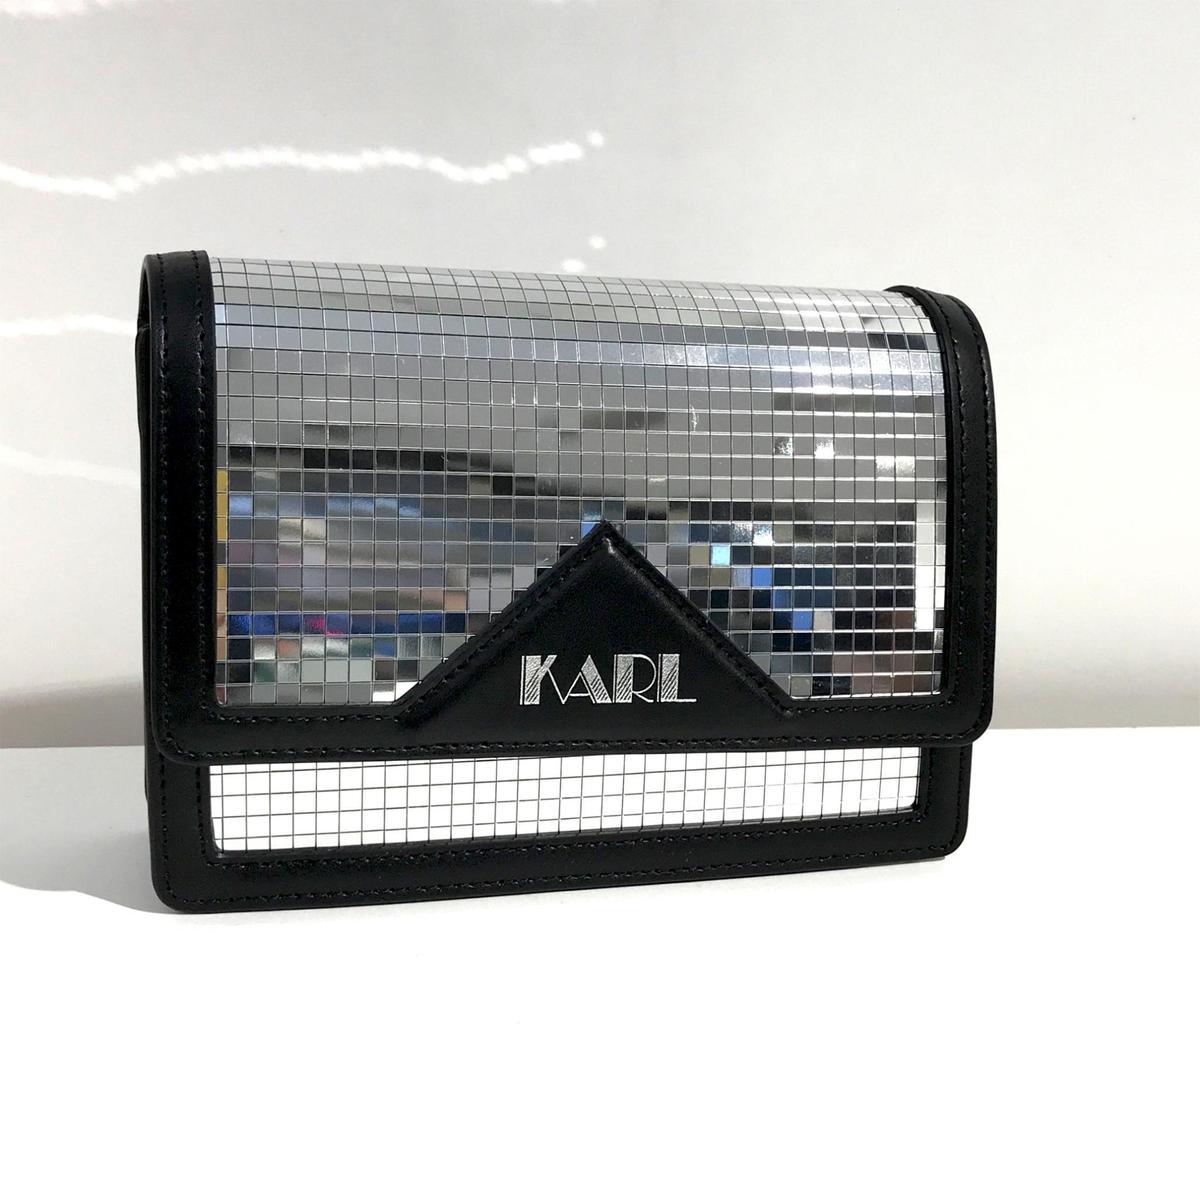 限量版KARL鏡面肩背包。NT$19,800(Weng Collection提供)